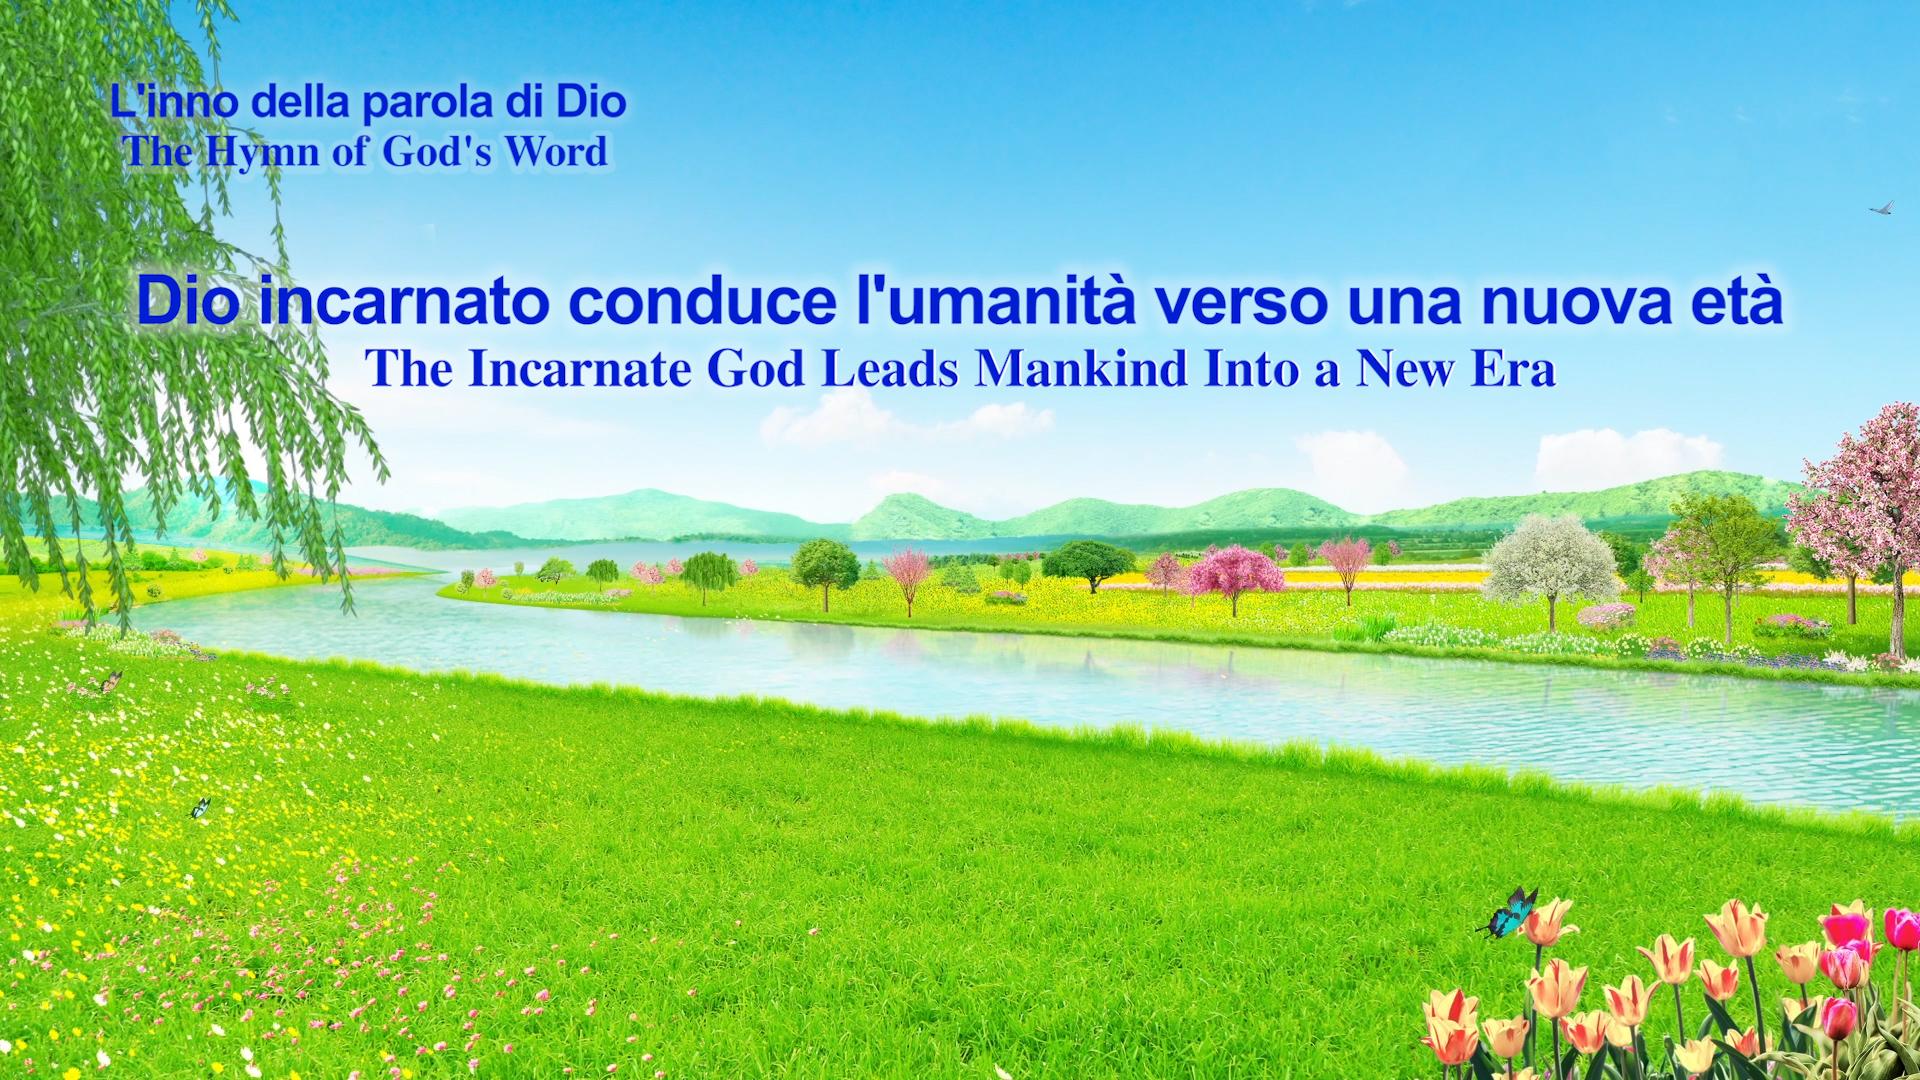 Dio incarnato conduce l'umanità verso una nuova età